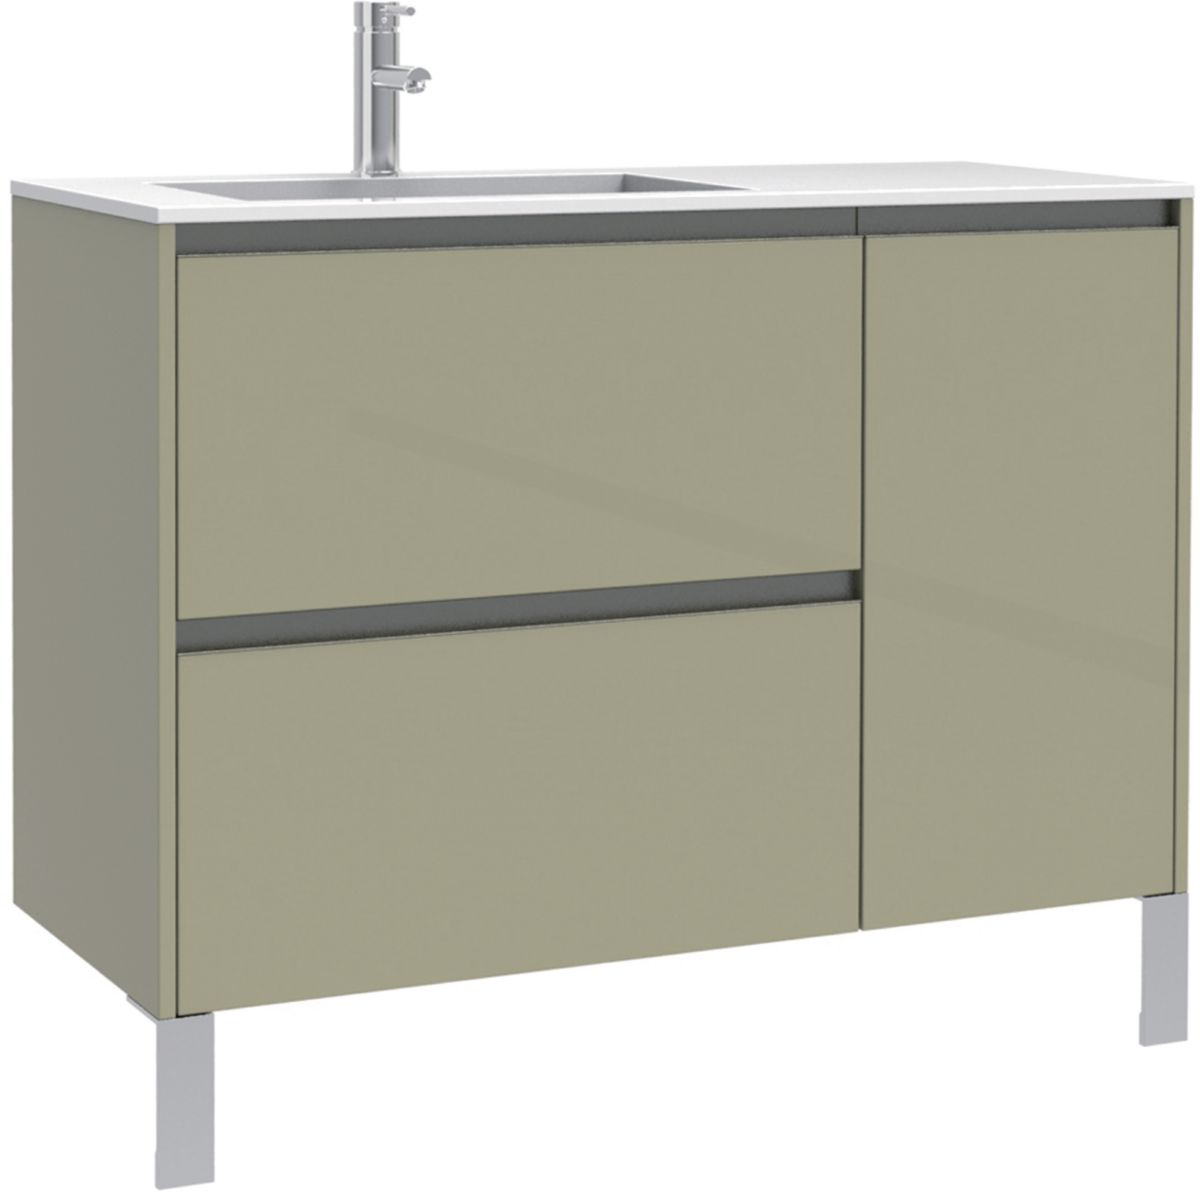 vasque et meuble Meuble sous vasque Plenitude 105 cm 2 tiroirs 1 porte pour vasque D P38  blanc bois ...